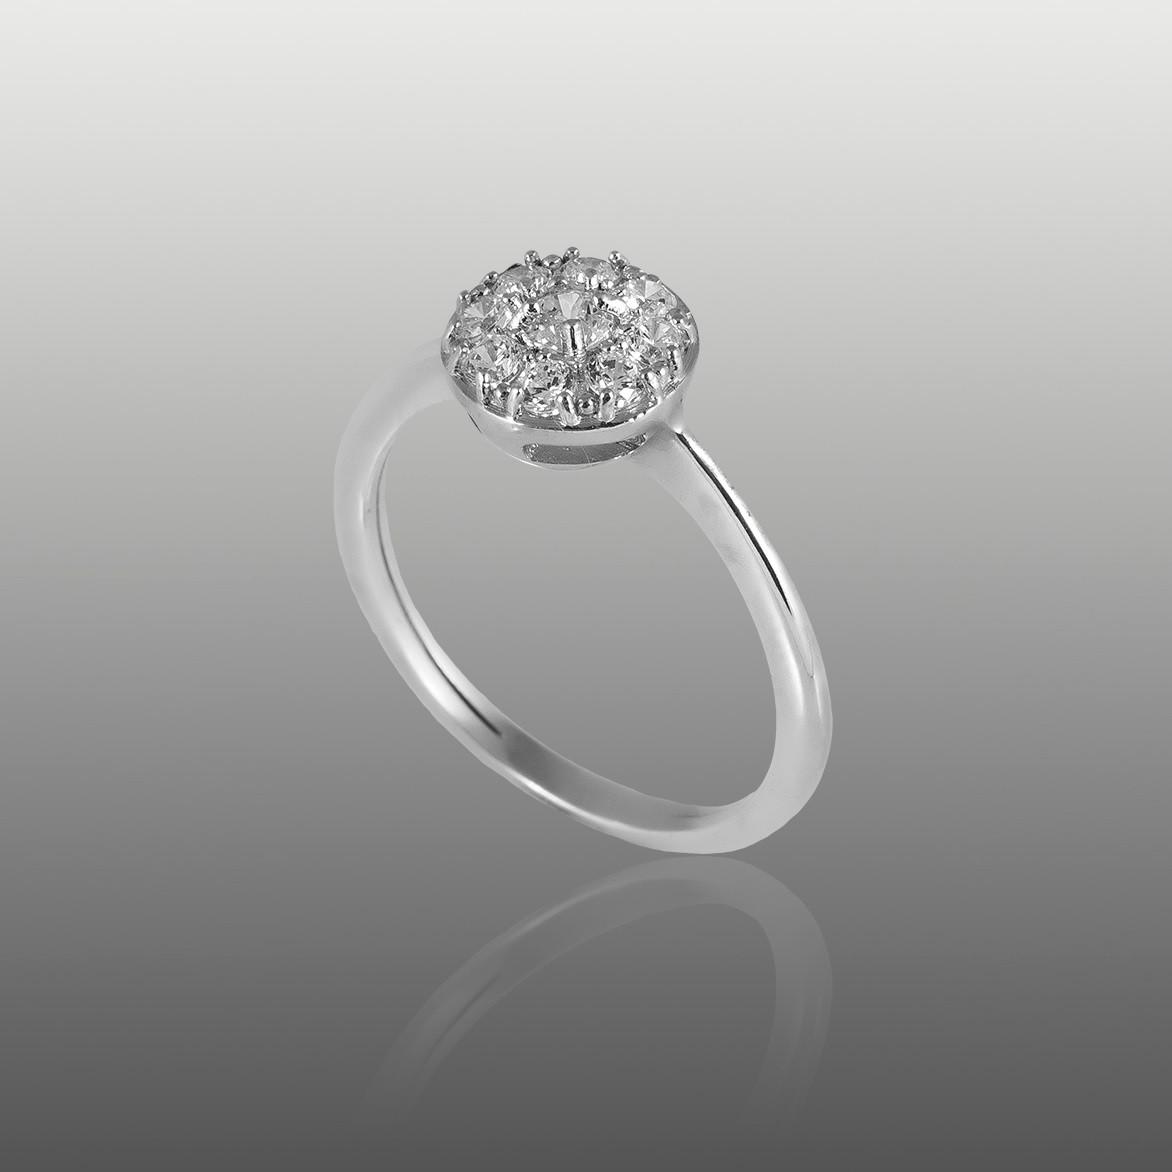 купить кольцо серебряное без камней